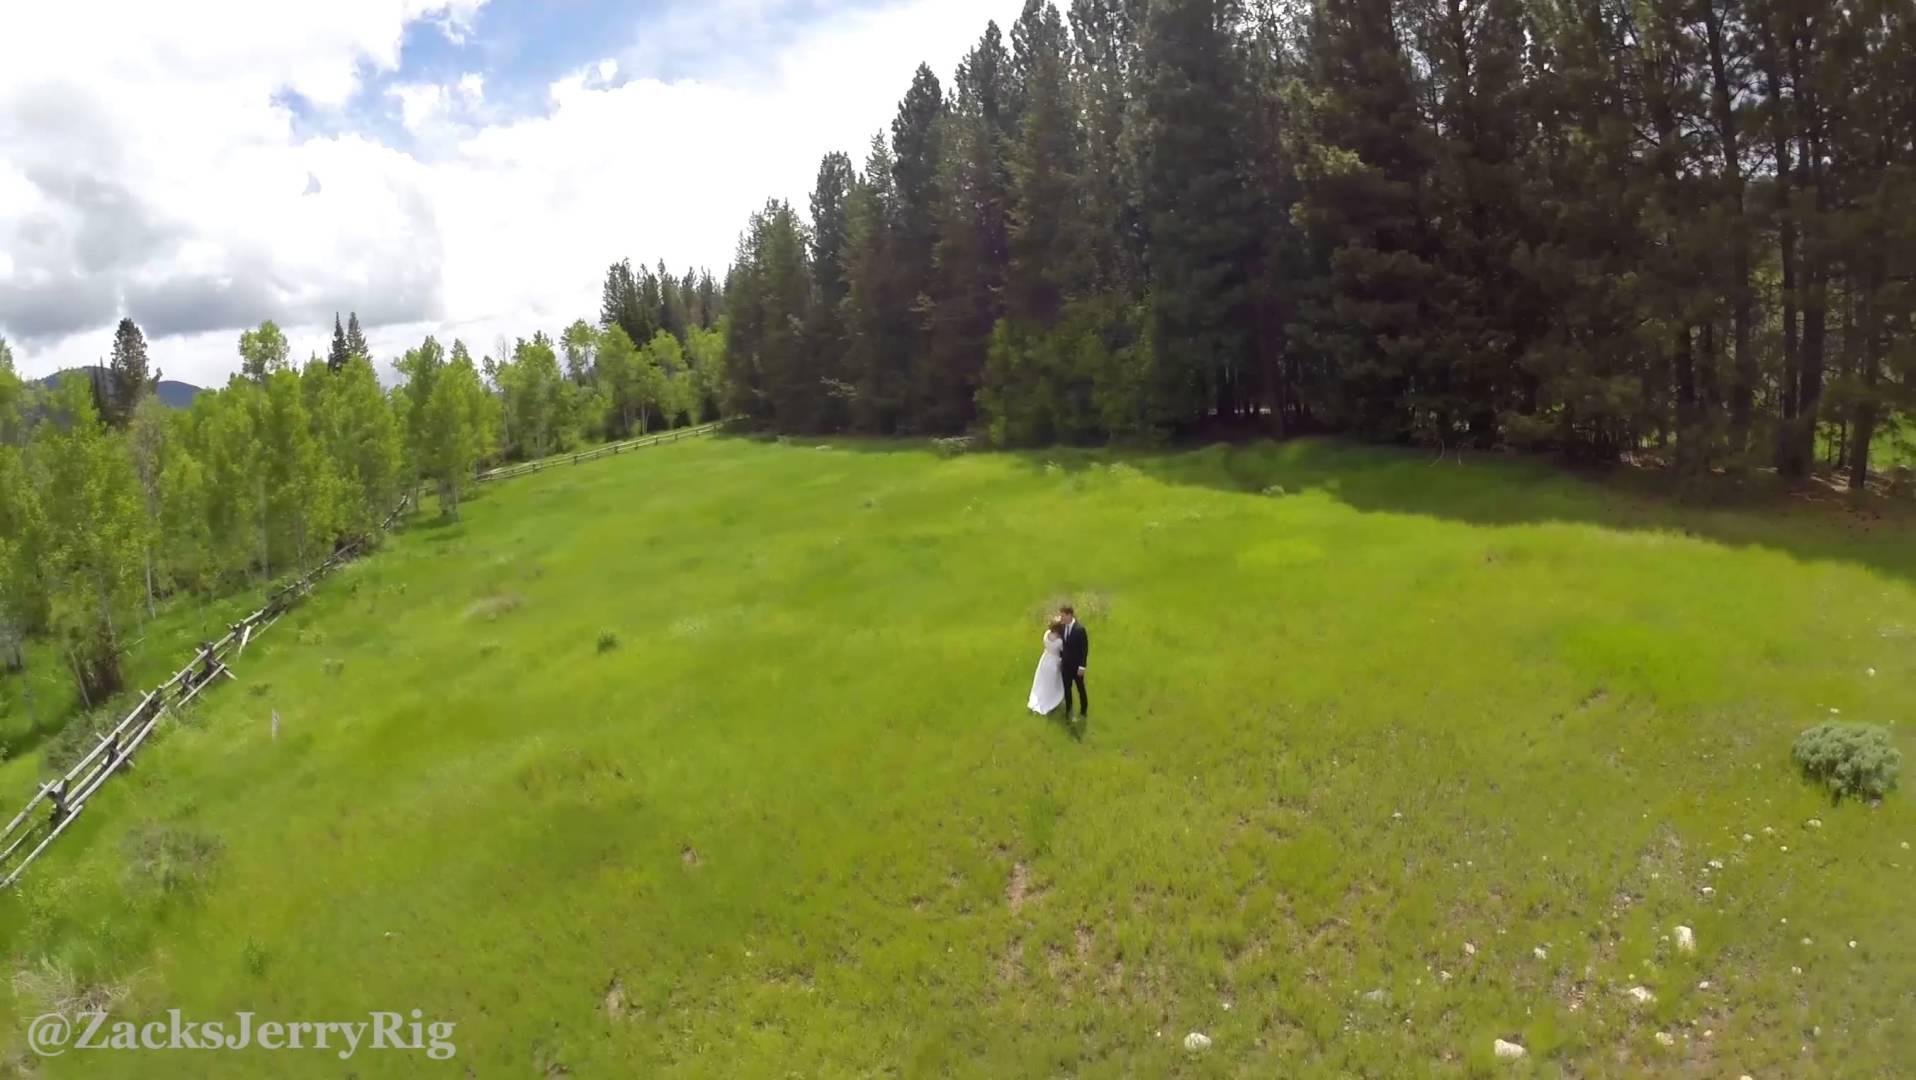 زوجان يستخدمان طائرة مُسيّرة لتصوير زفافهما